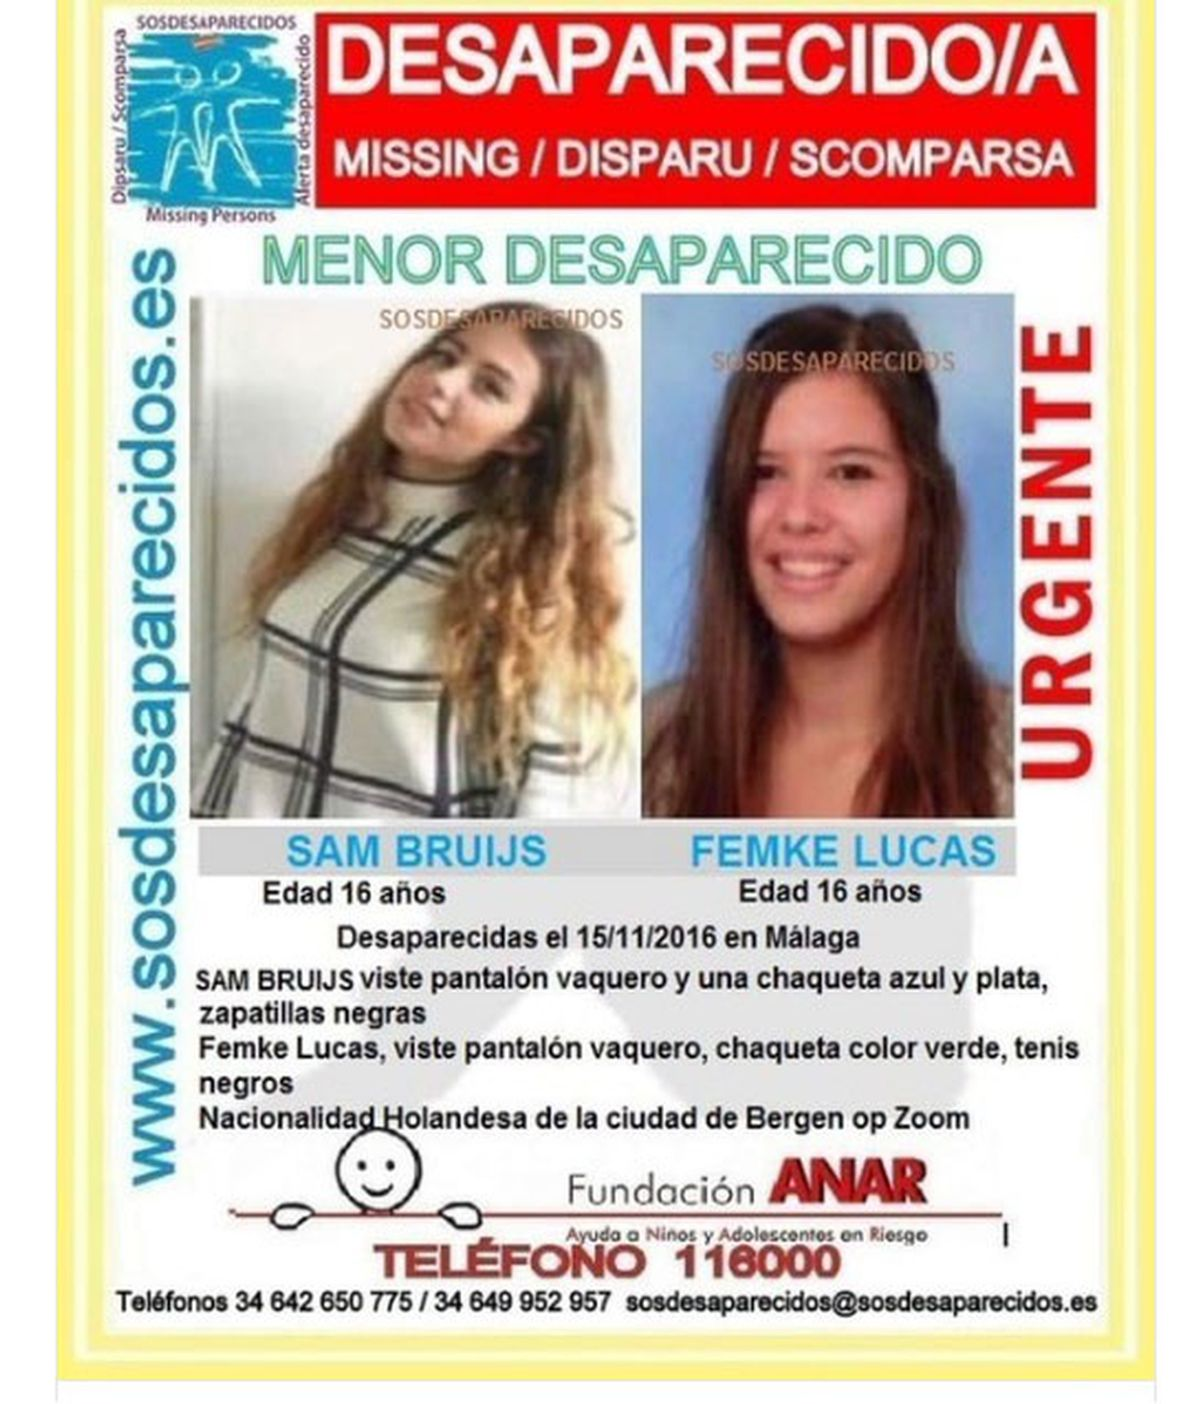 Sam Bruijis y Femke Lucas, holandesas desaparecidas Málaga